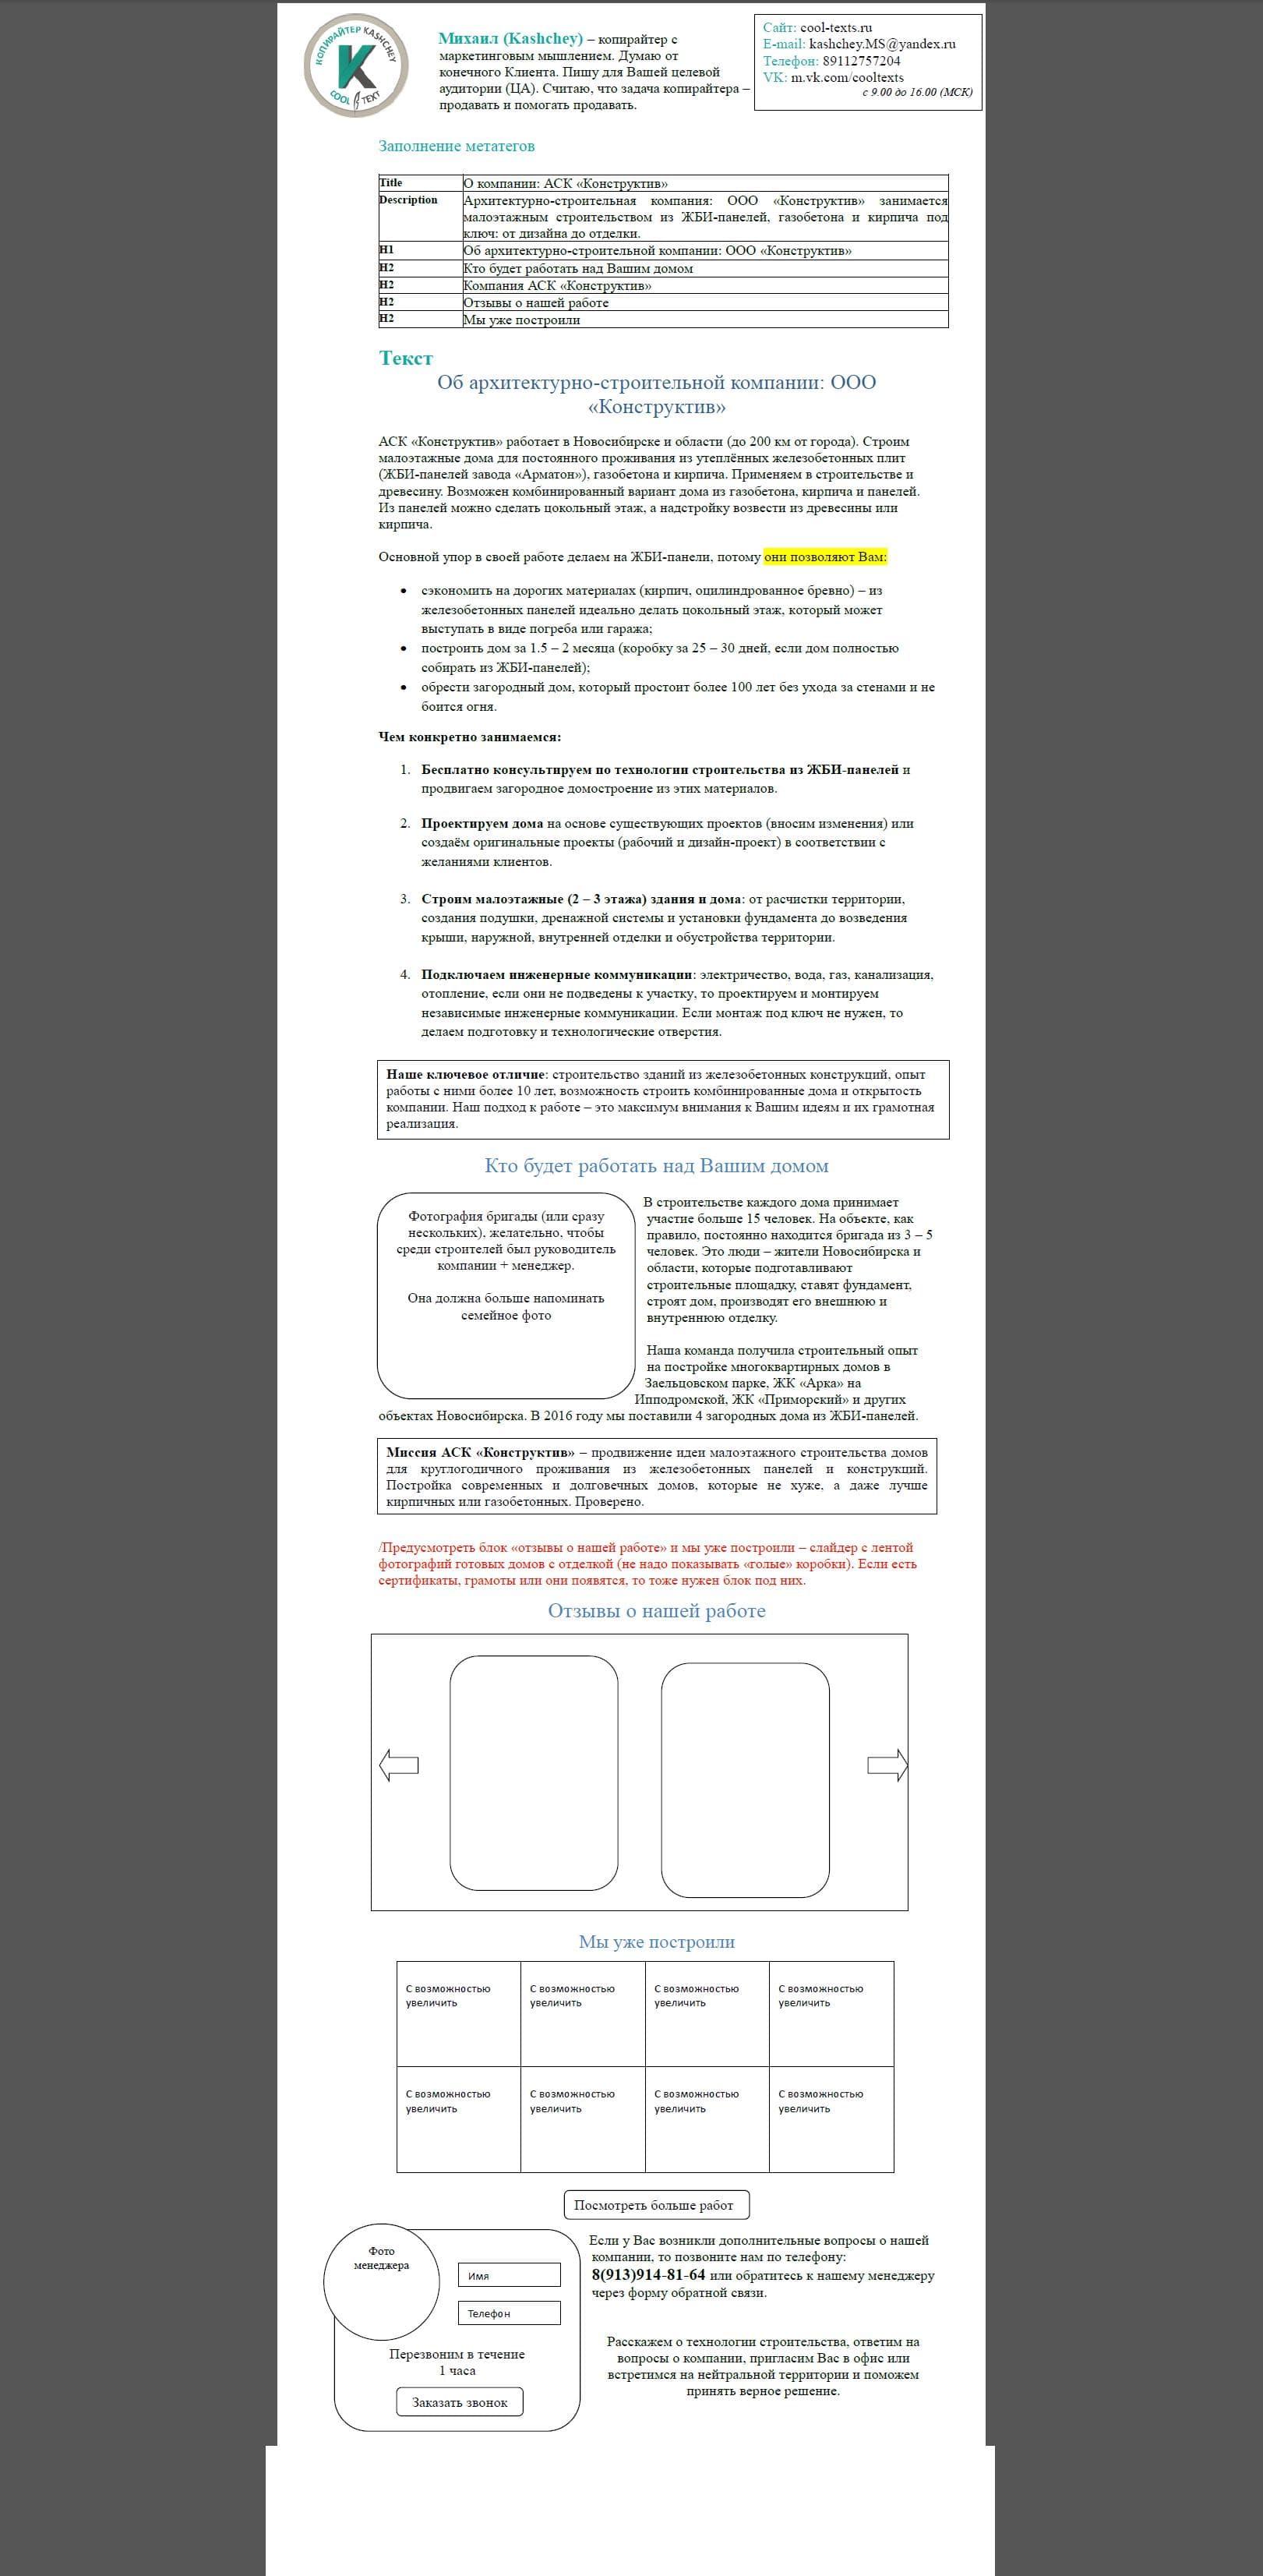 Текст о компании АСК Конструктив-min